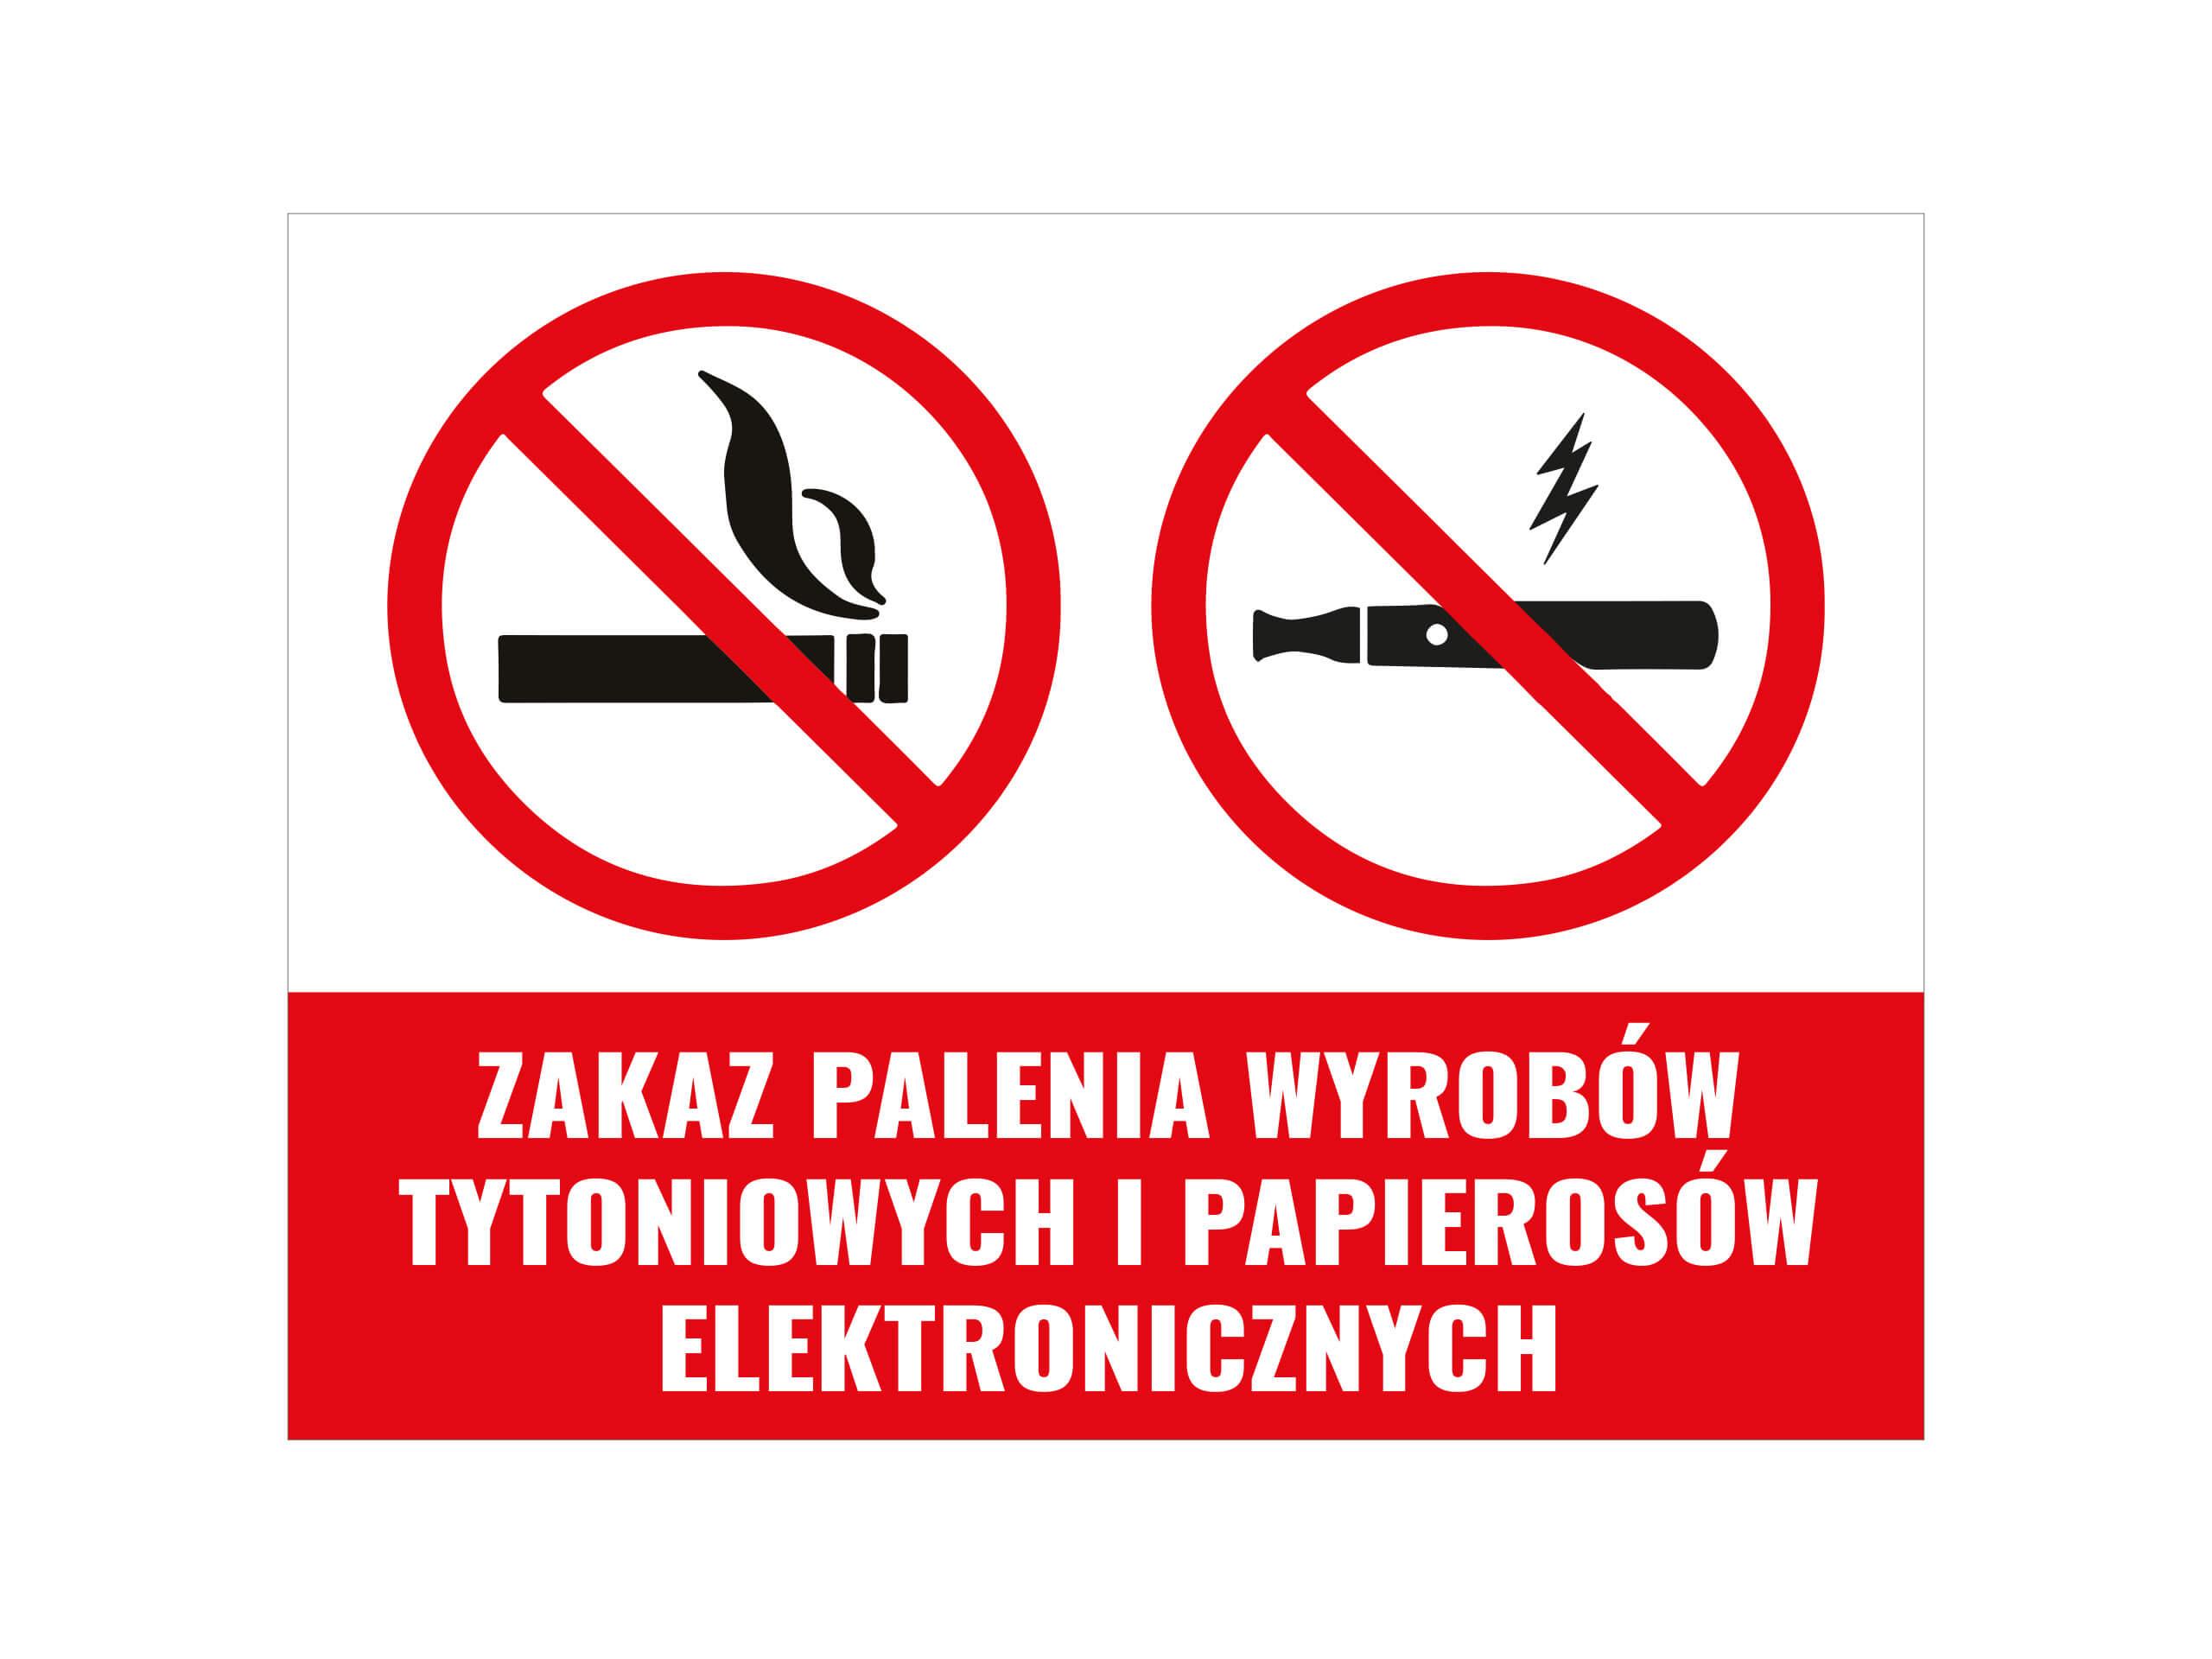 naklejka zakaz palenia e-papierosów